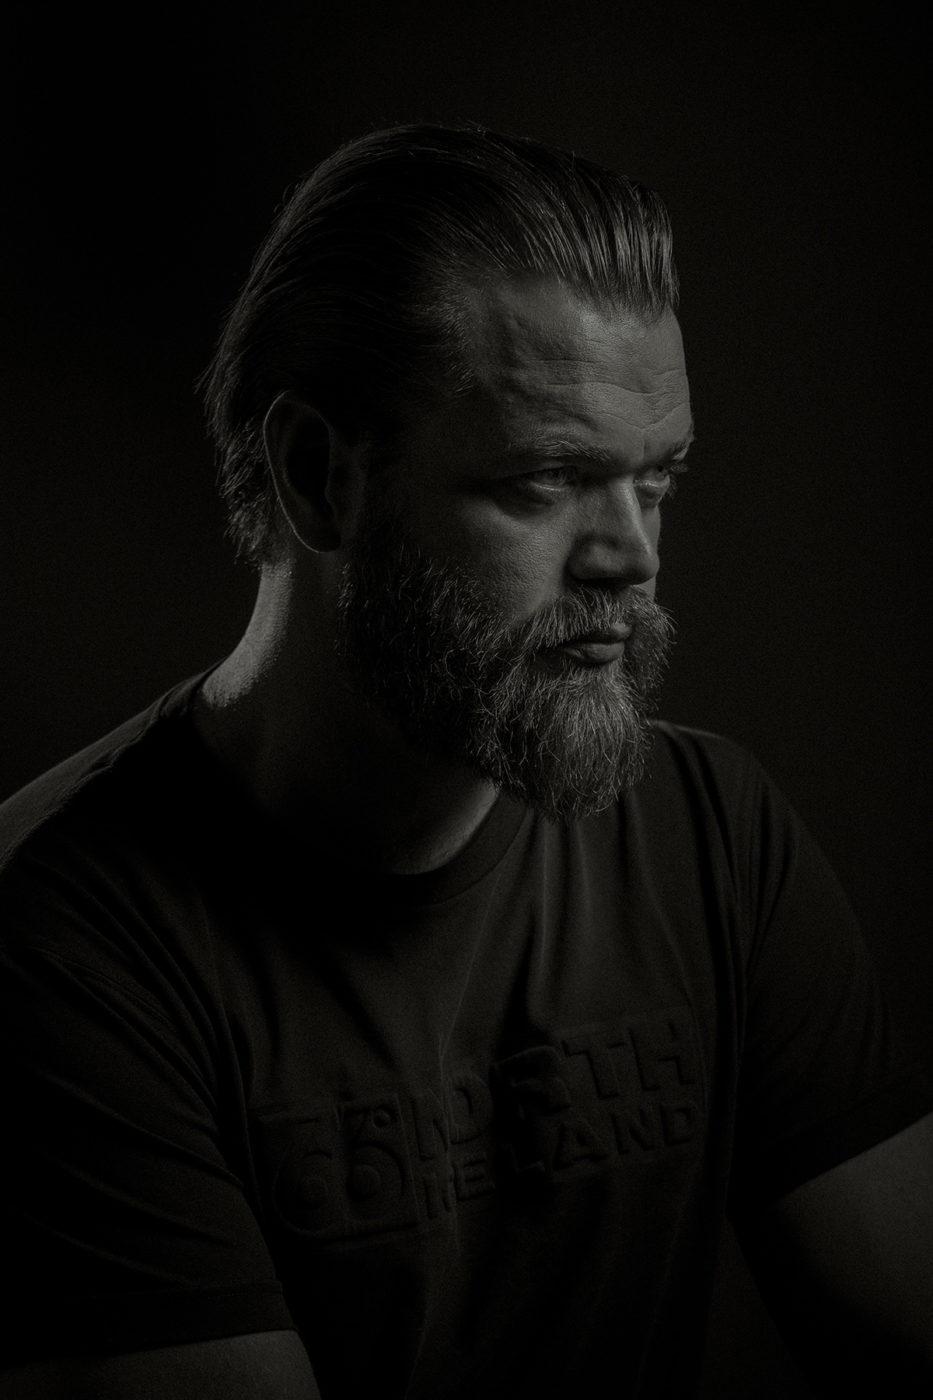 Jóhannes Haukur